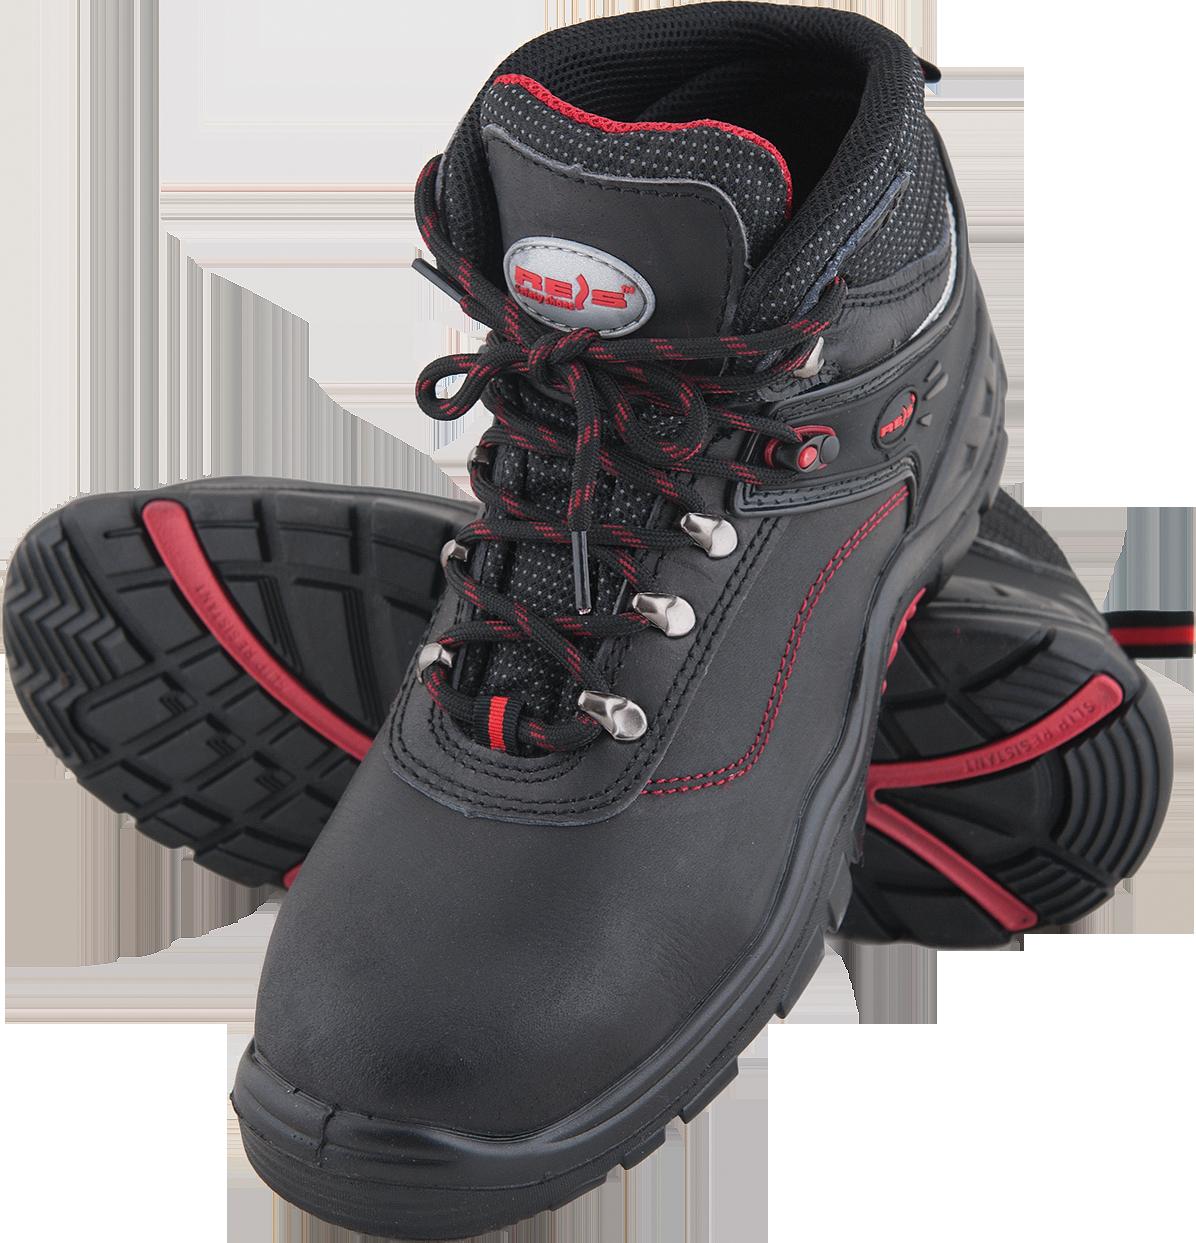 649979450 Ботинки BRBOSTON-T рабочие мужские с металлическим подноском кожаные REIS  Польша (спецобувь)